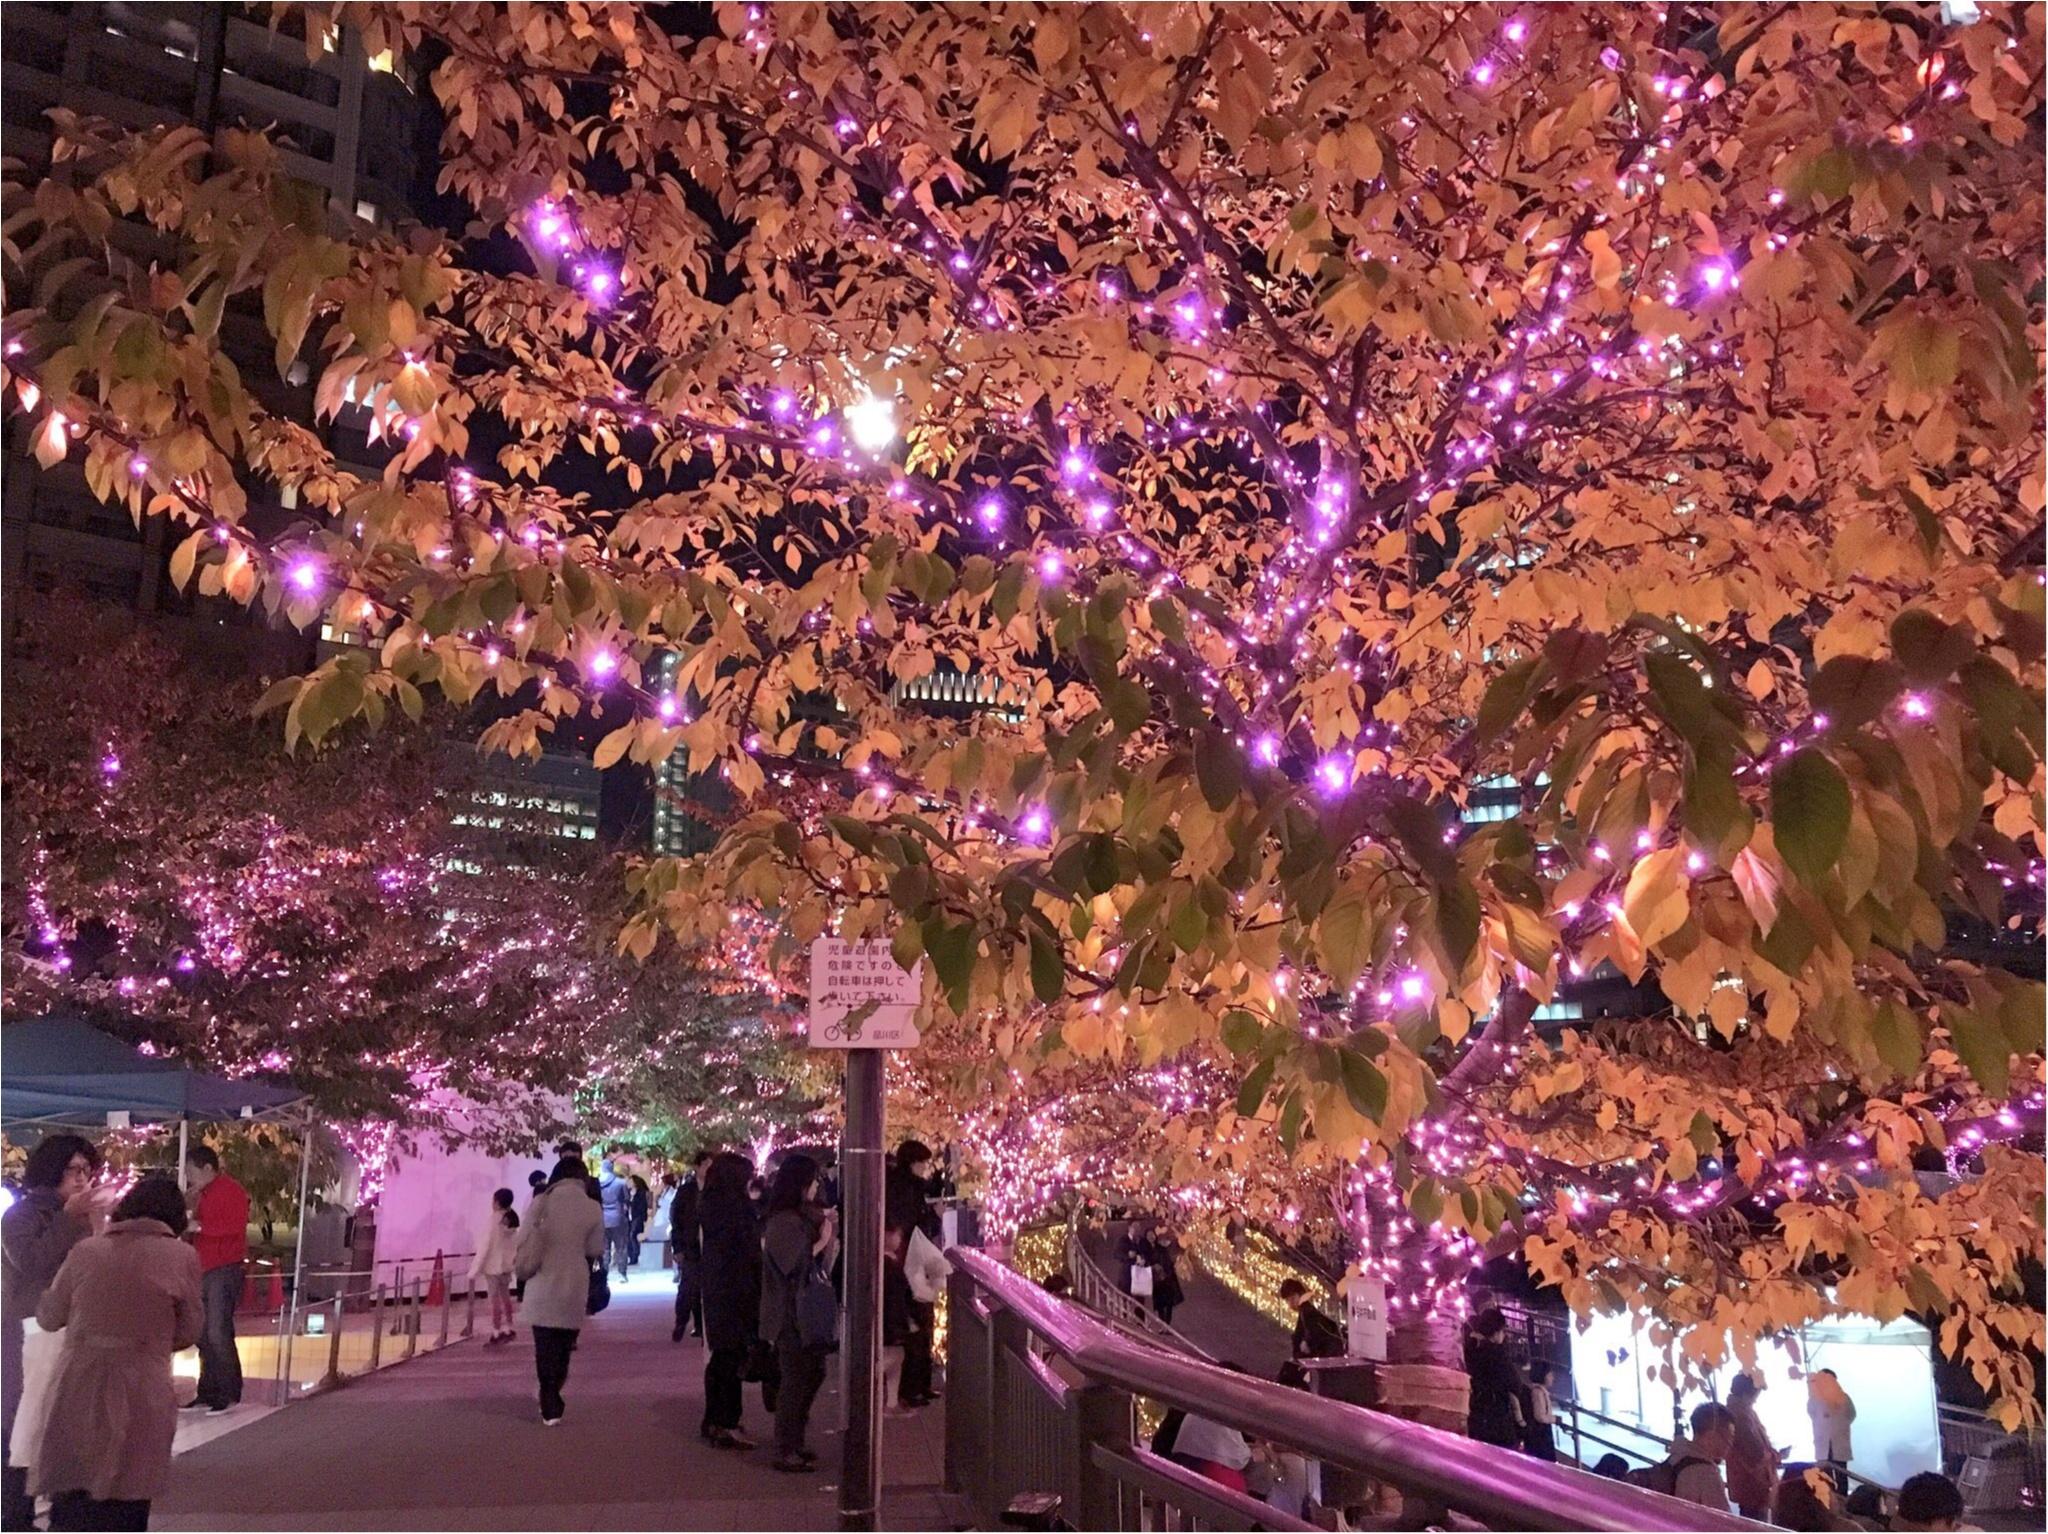 『目黒川』に『冬の桜』が咲きました(*°○°*)♡最新の『環境にやさしいイルミネーション』って???_3